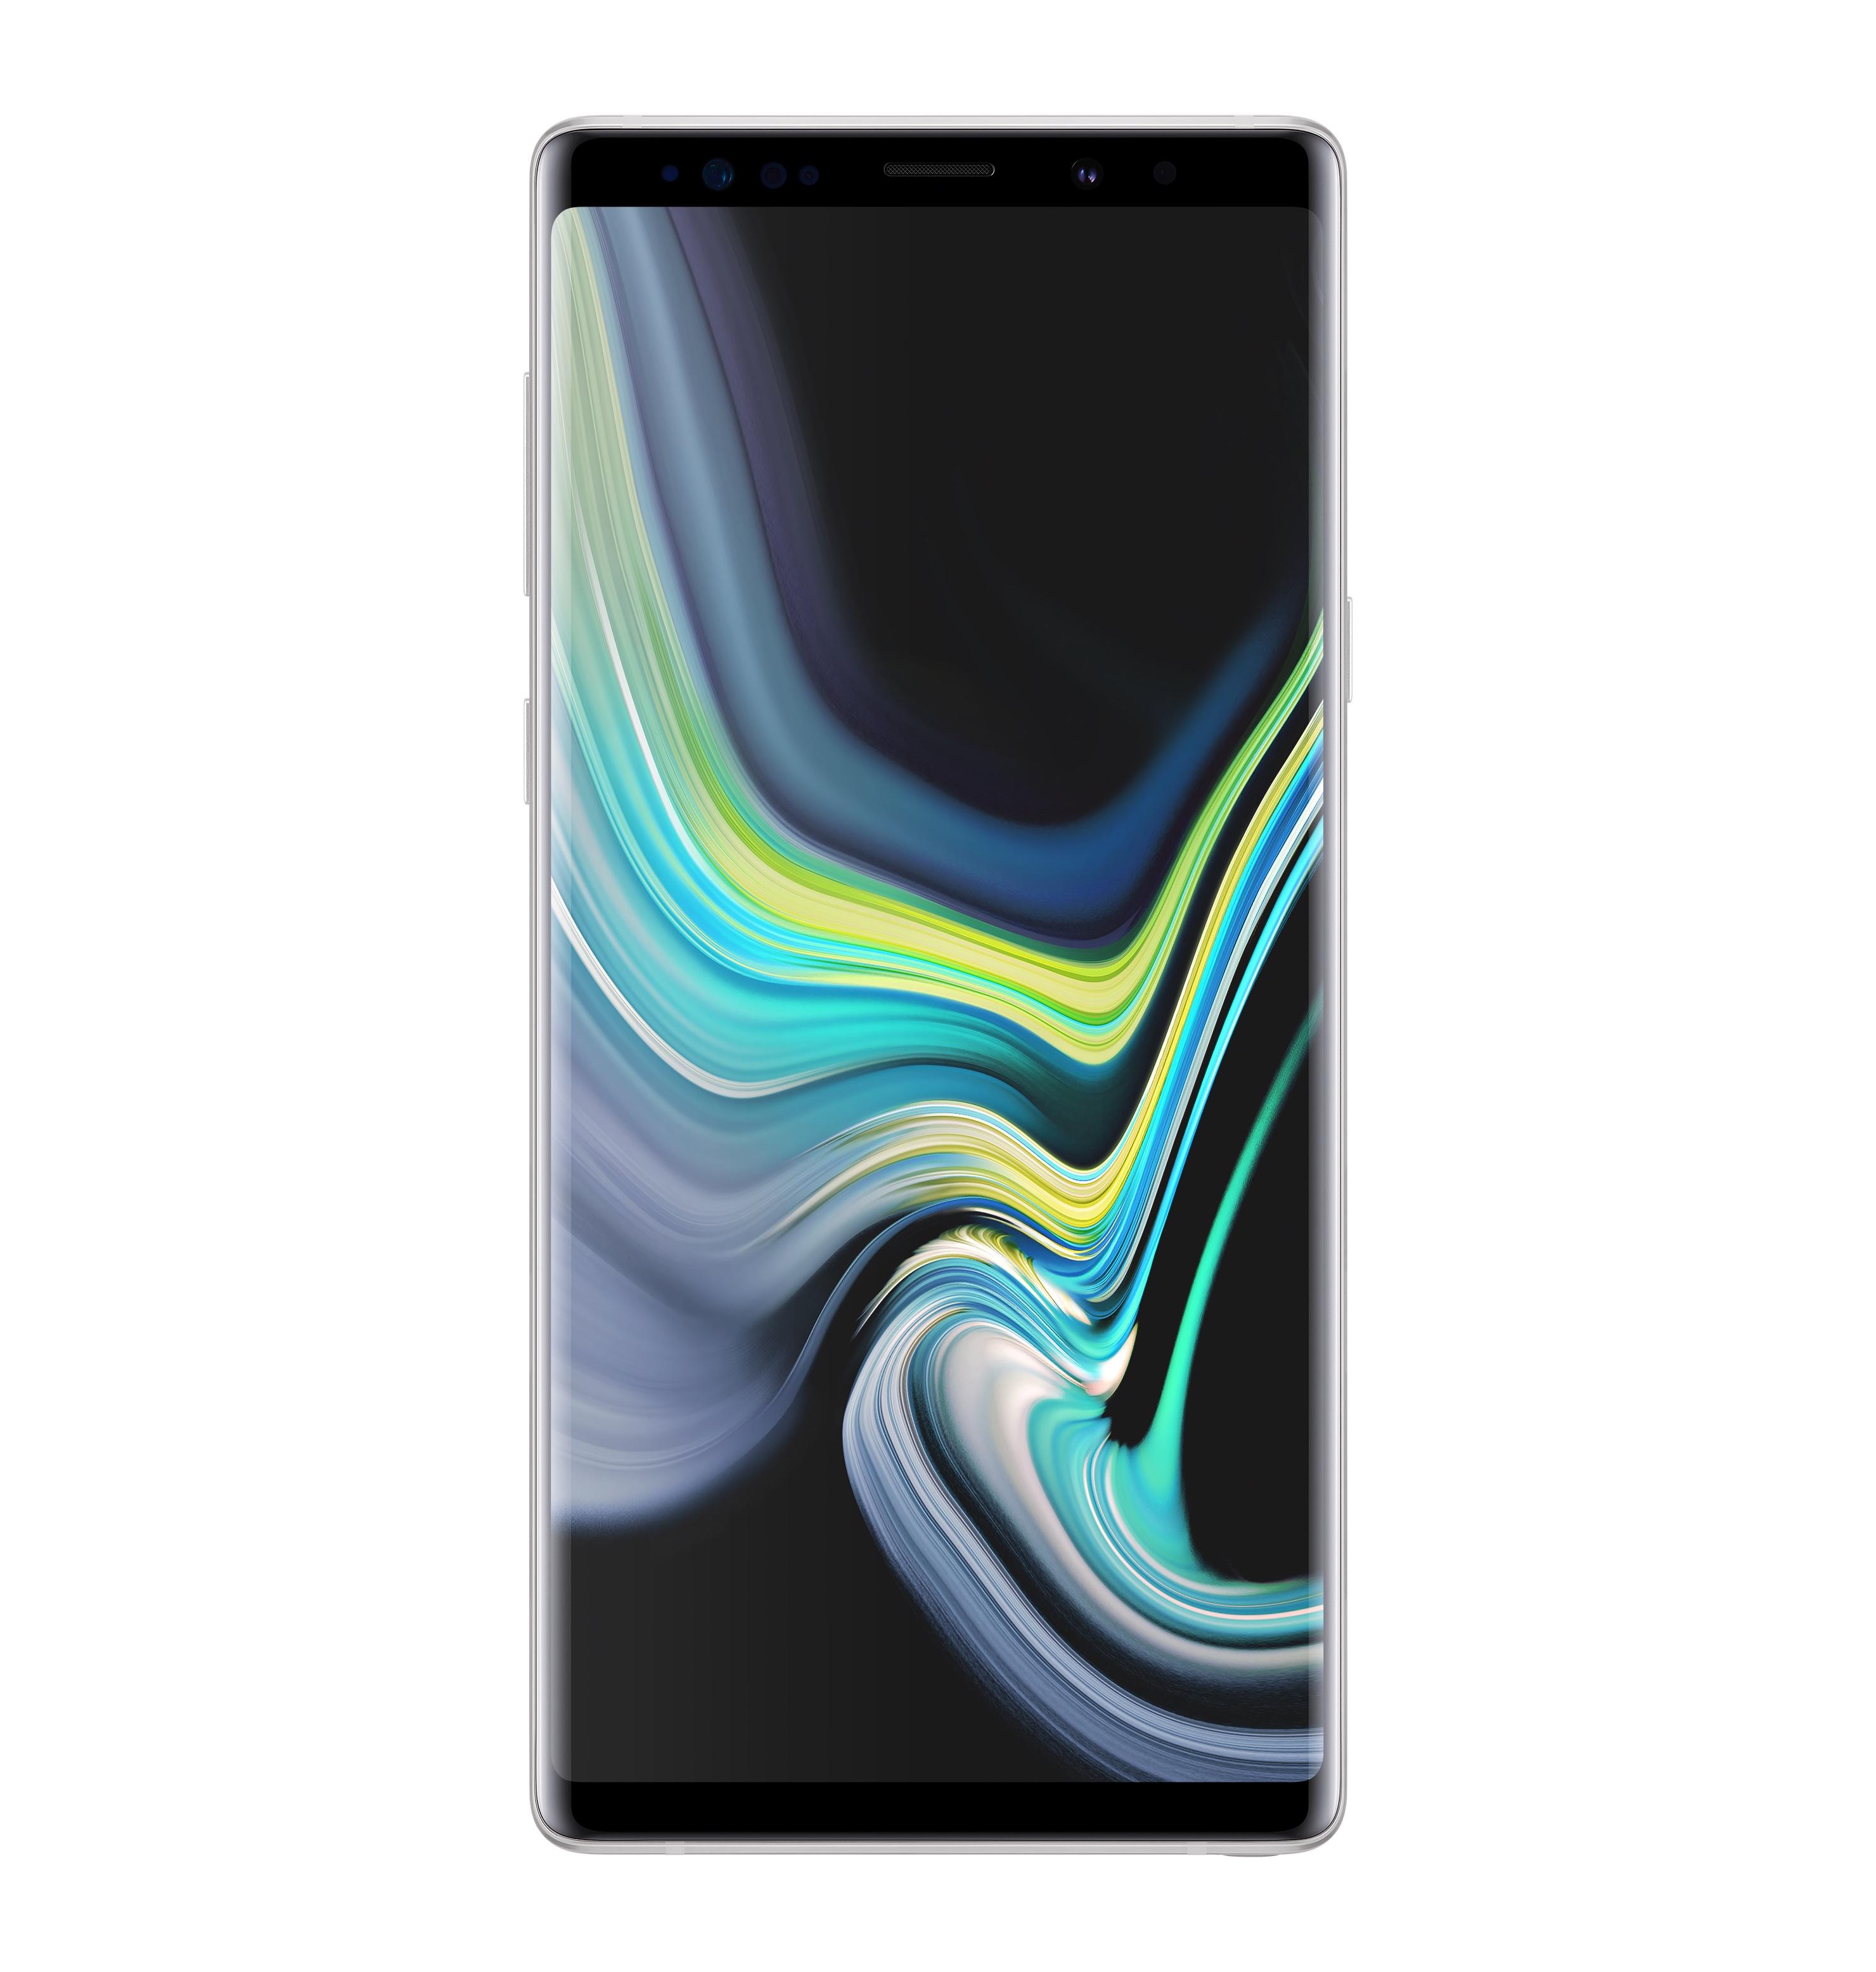 Samsung Galaxy Note 9 resmen beyaz olarak sunuldu!